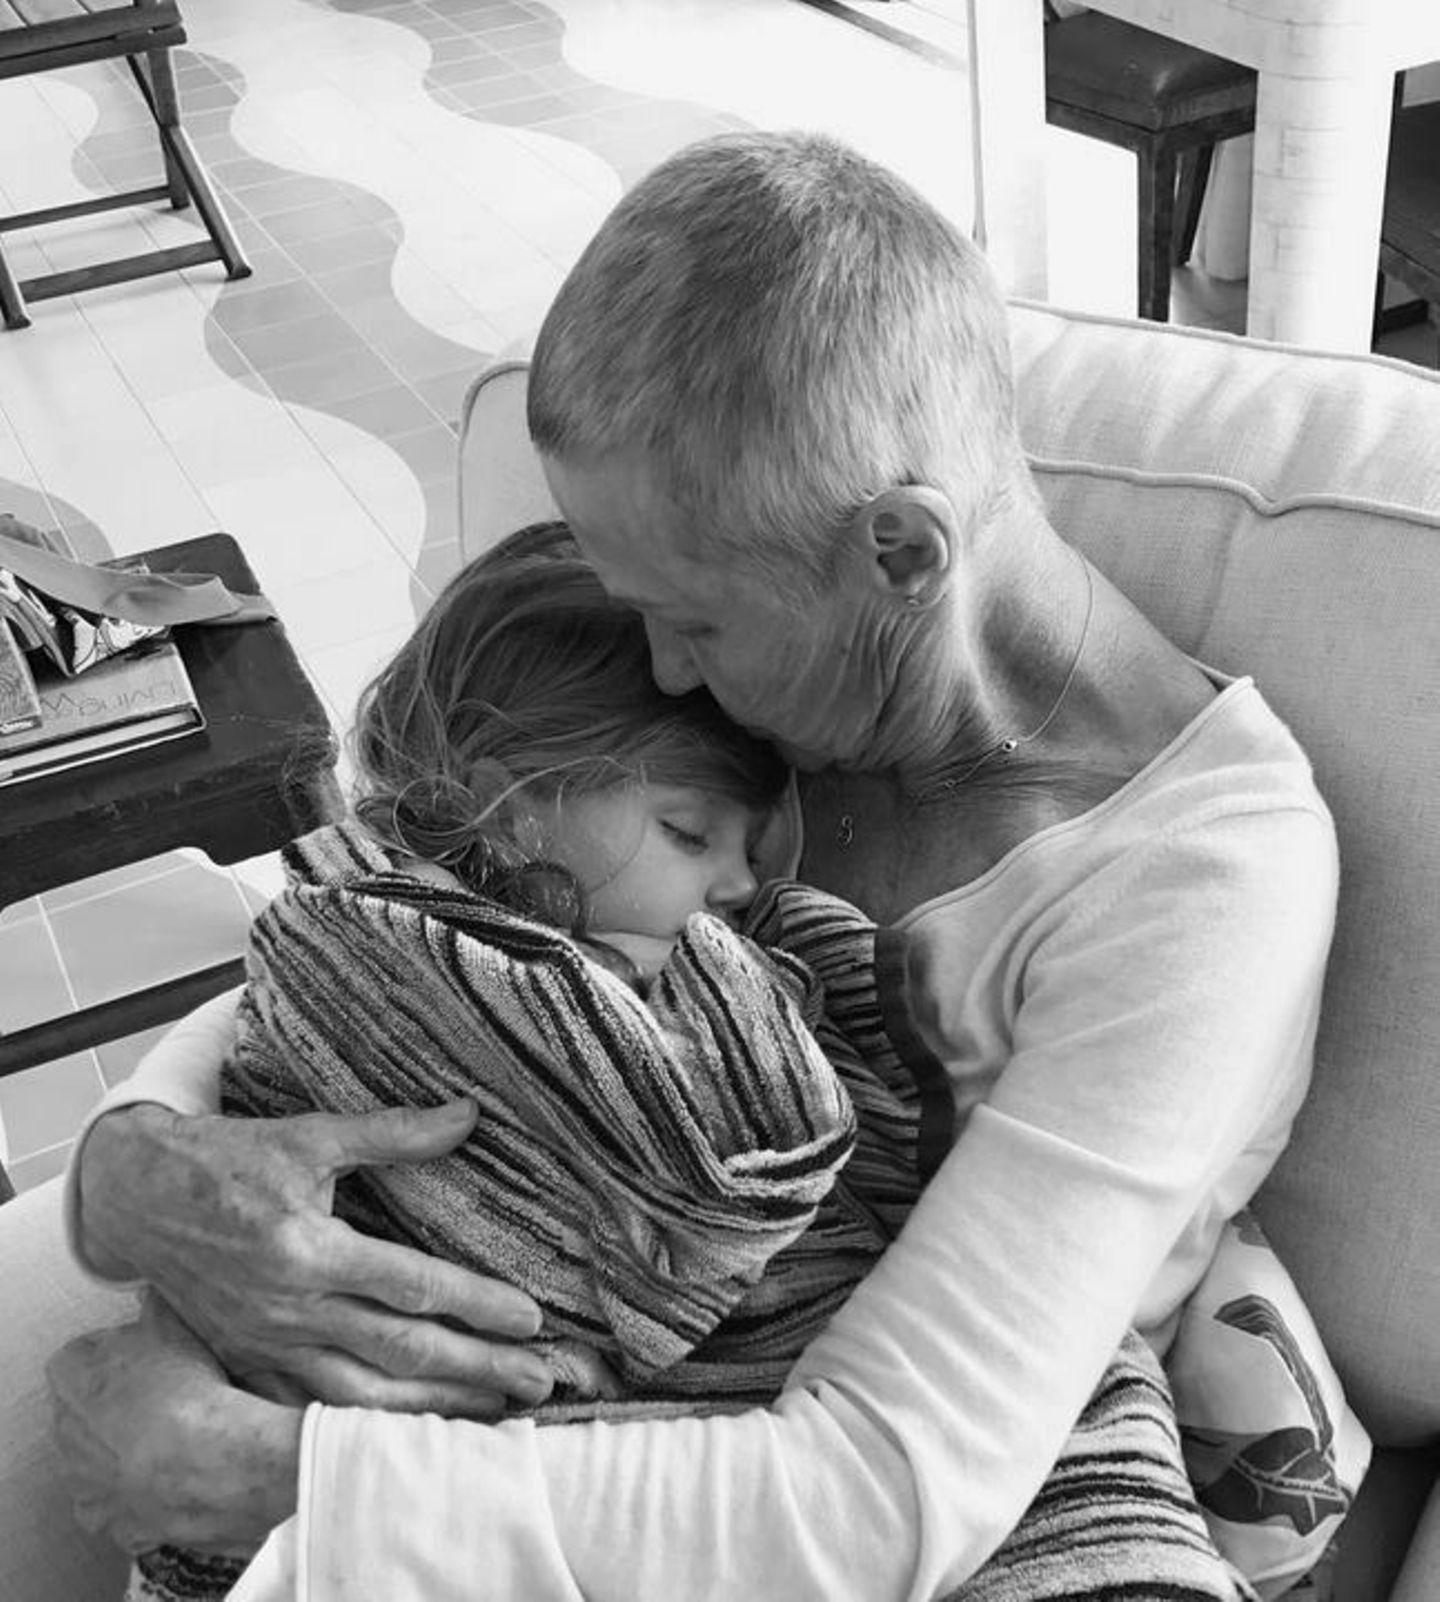 14. April 2017  Dieses Bild berührt das Herz. Vivian schläft tief und fest. Manchmal braucht es eben die Geborgenheit und die Umarmung von Oma.